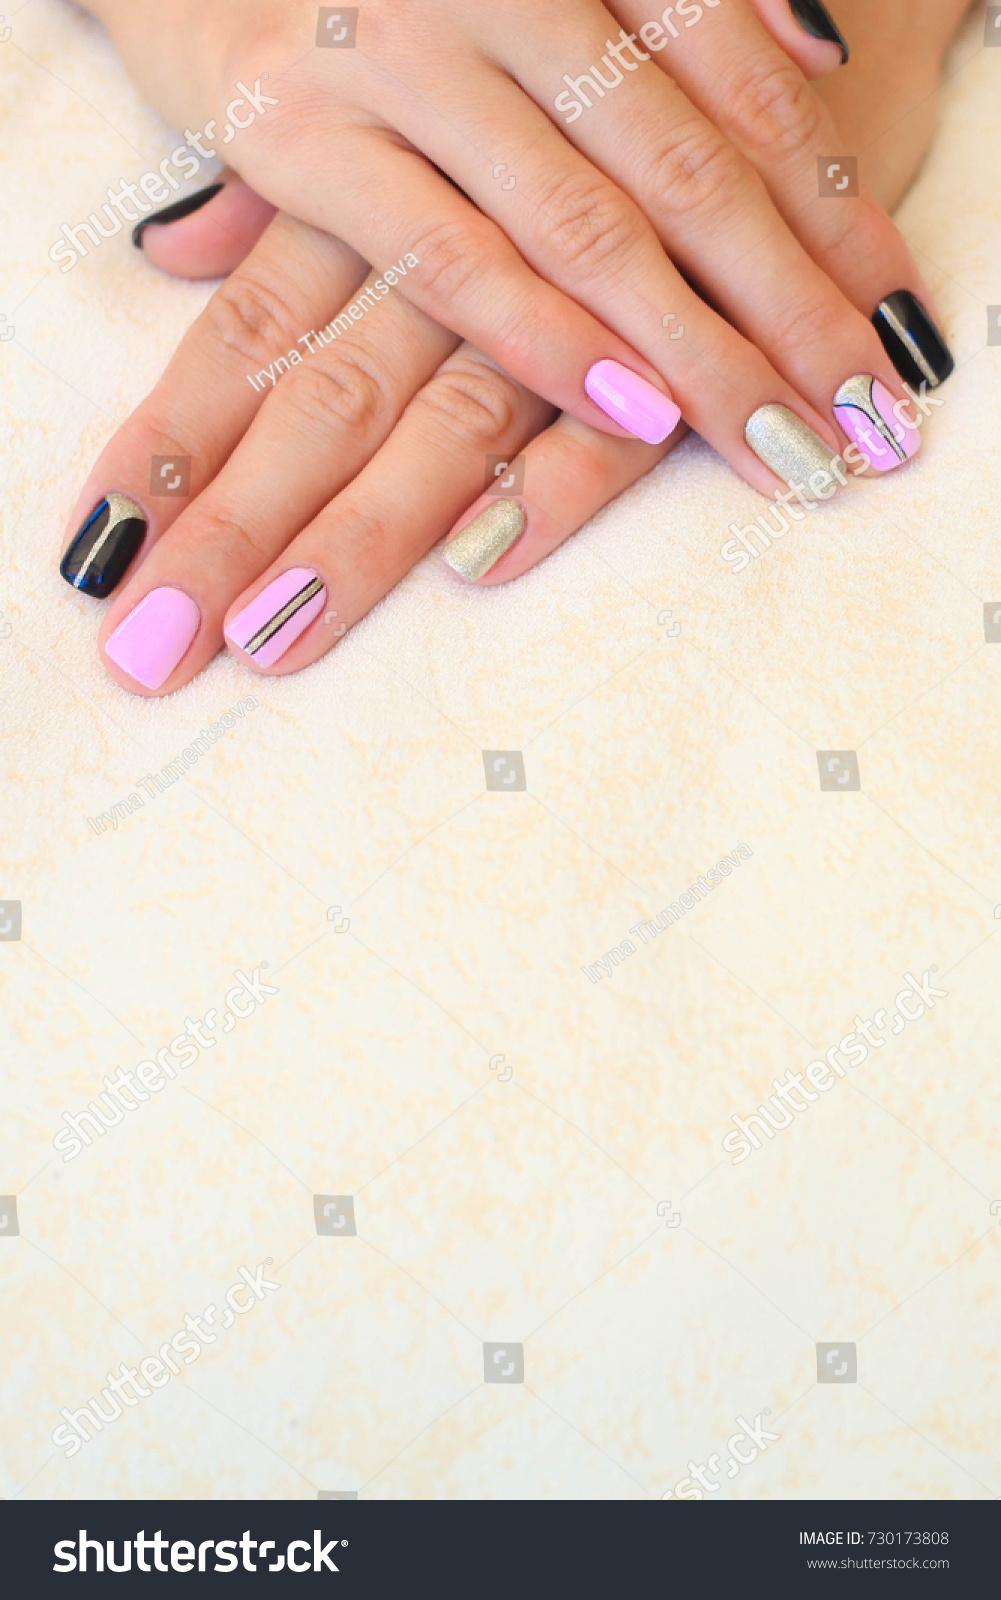 Natural Nails Gel Polish Stylish Nails Stock Photo & Image (Royalty ...